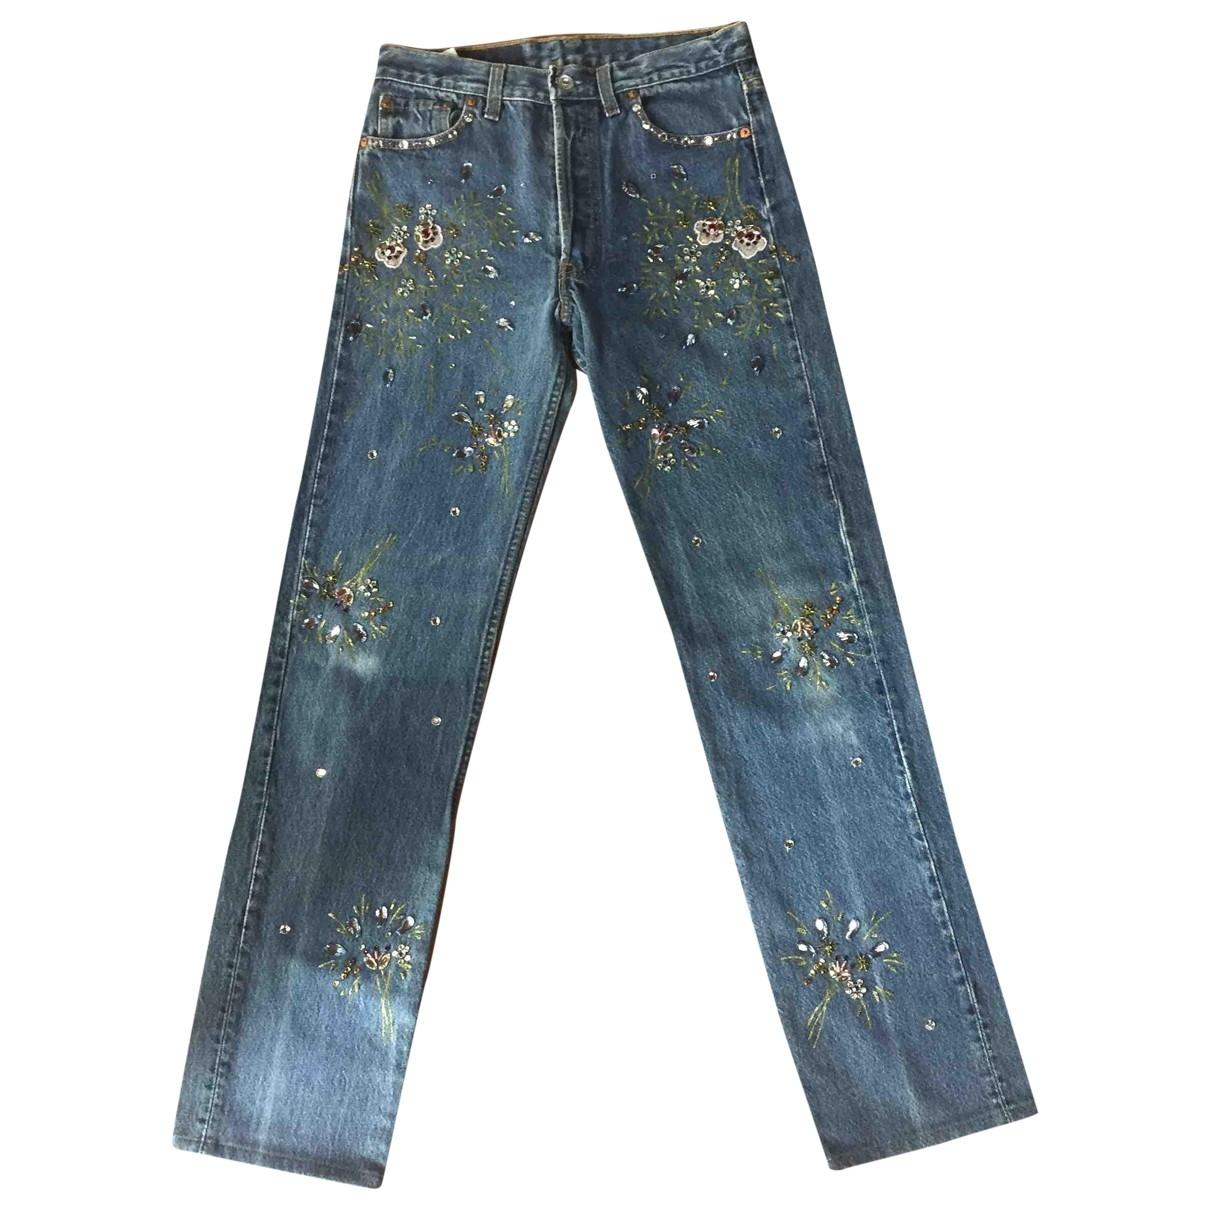 Levi's 501 Denim - Jeans Jeans for Women 30 US